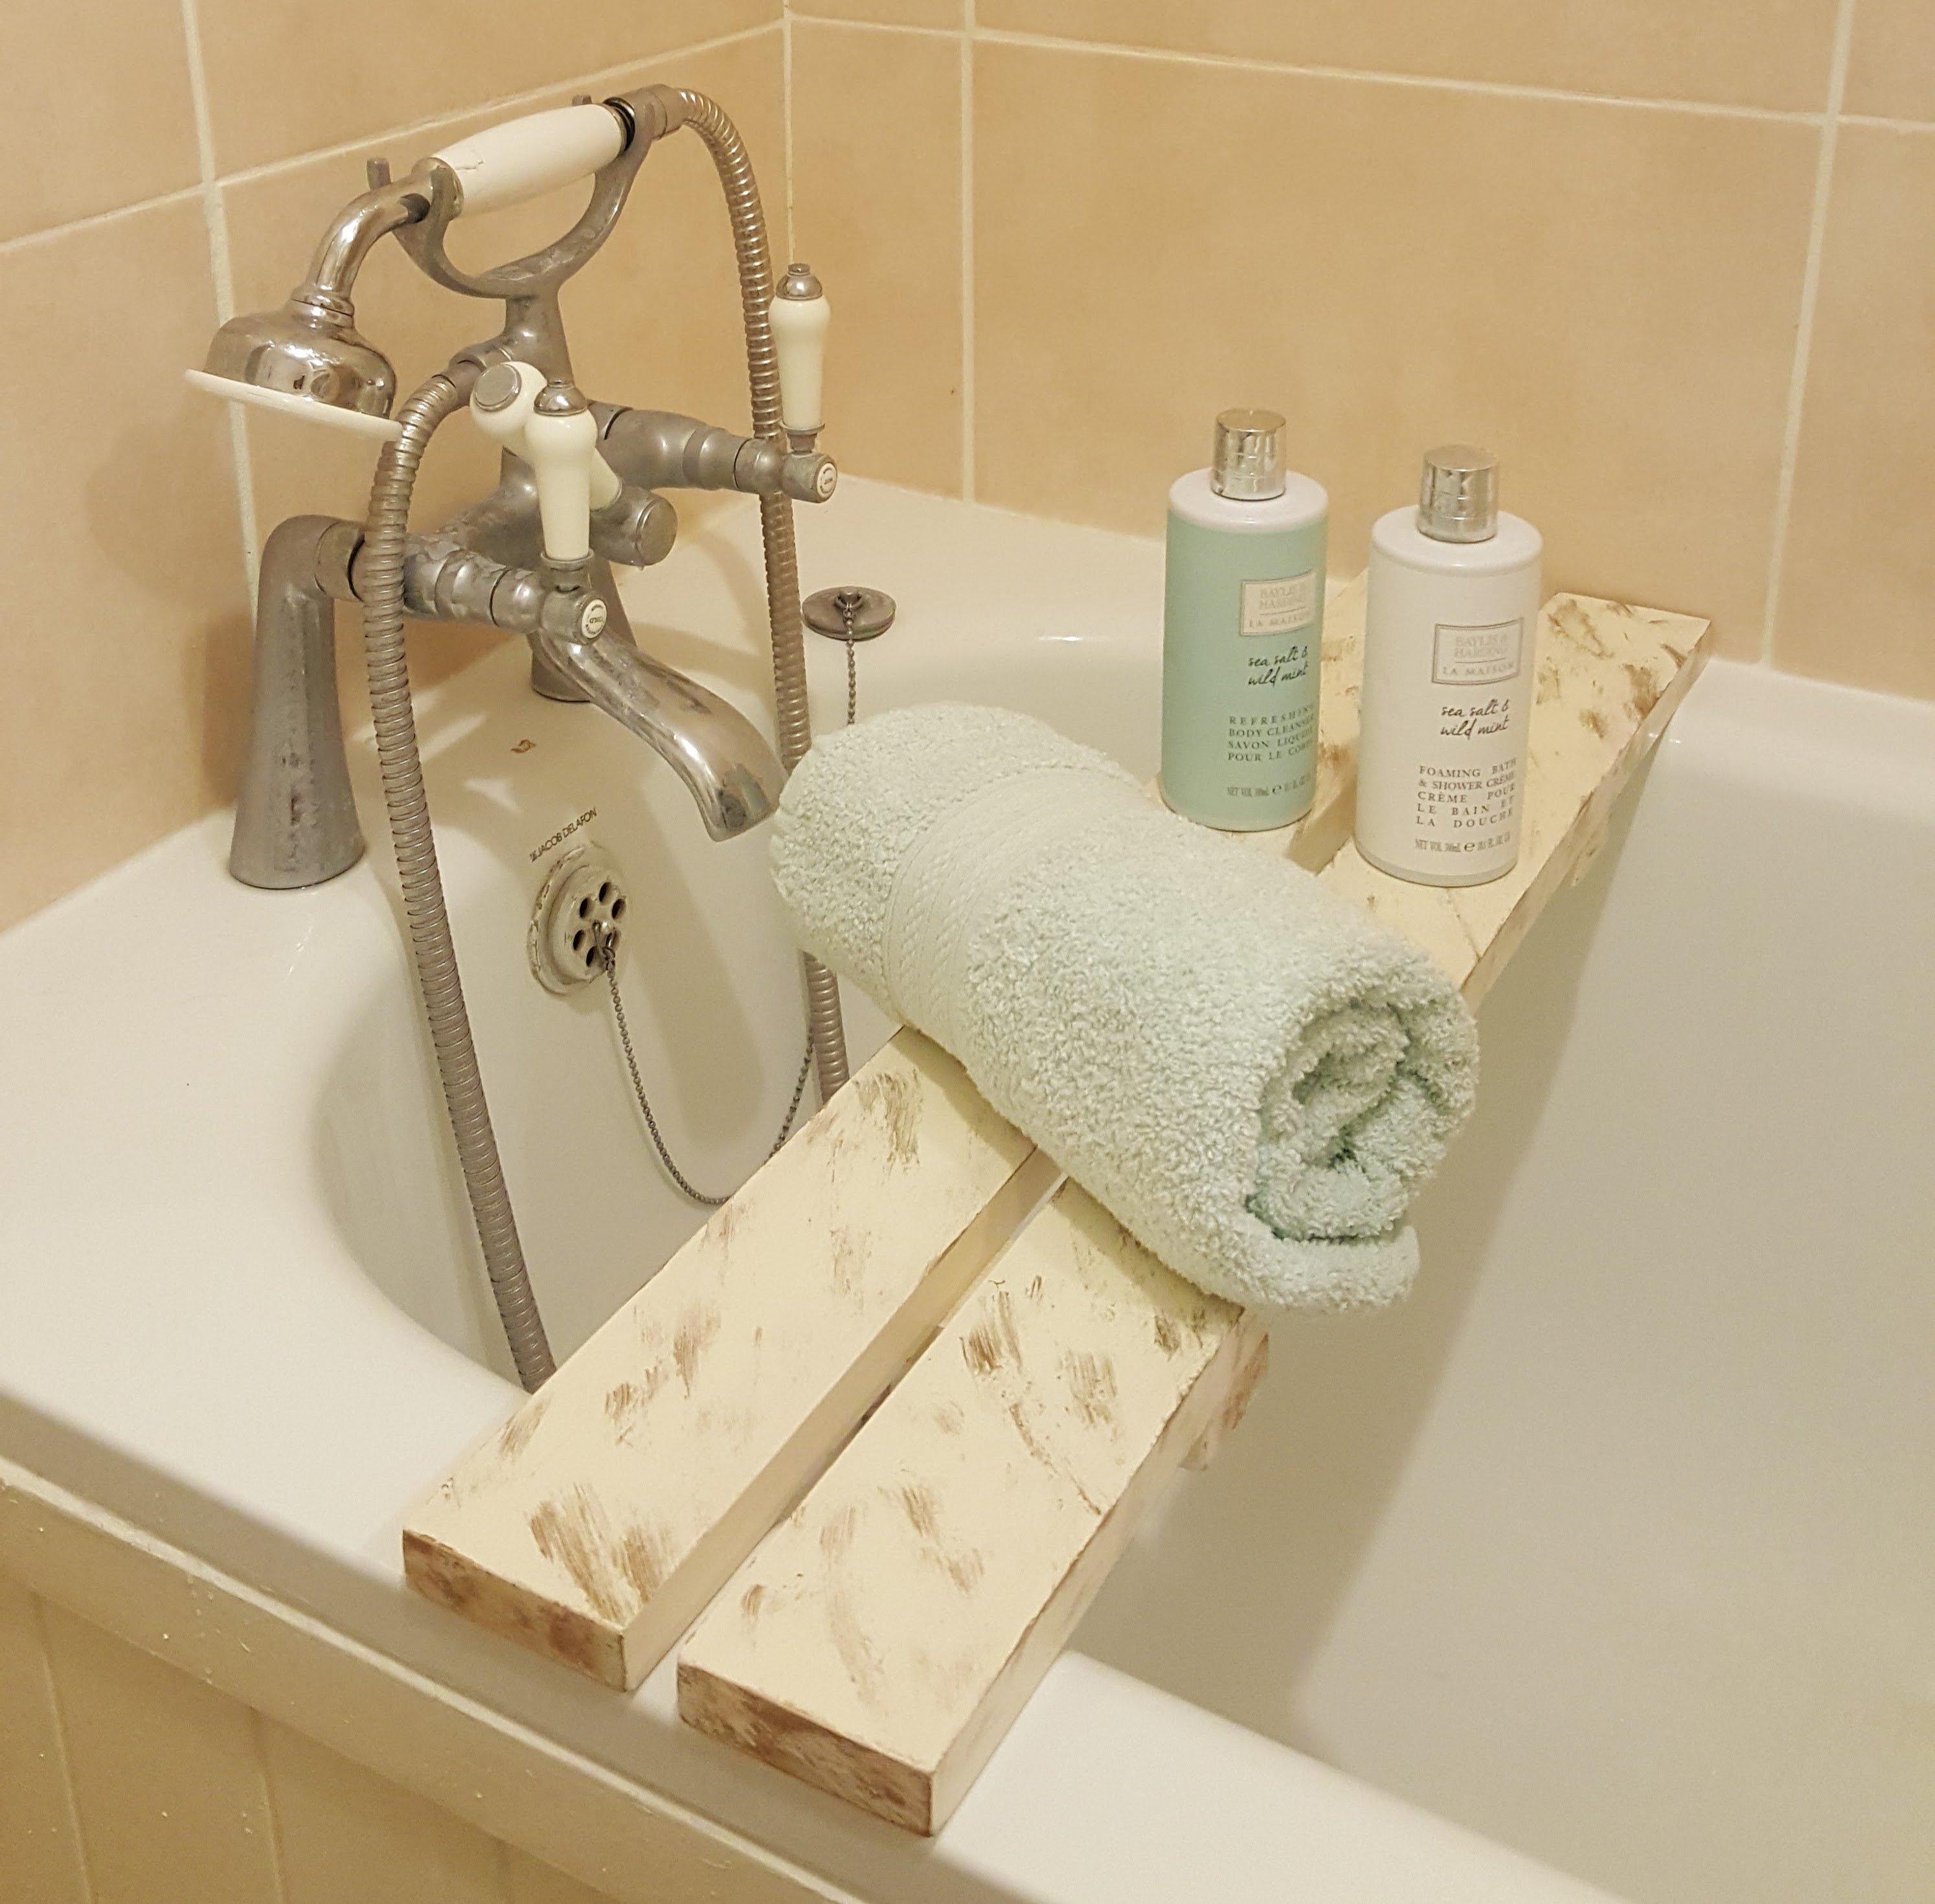 Borewood Solid Pine Wood Distressed BathTub Rack Bridge Bath Caddy ...